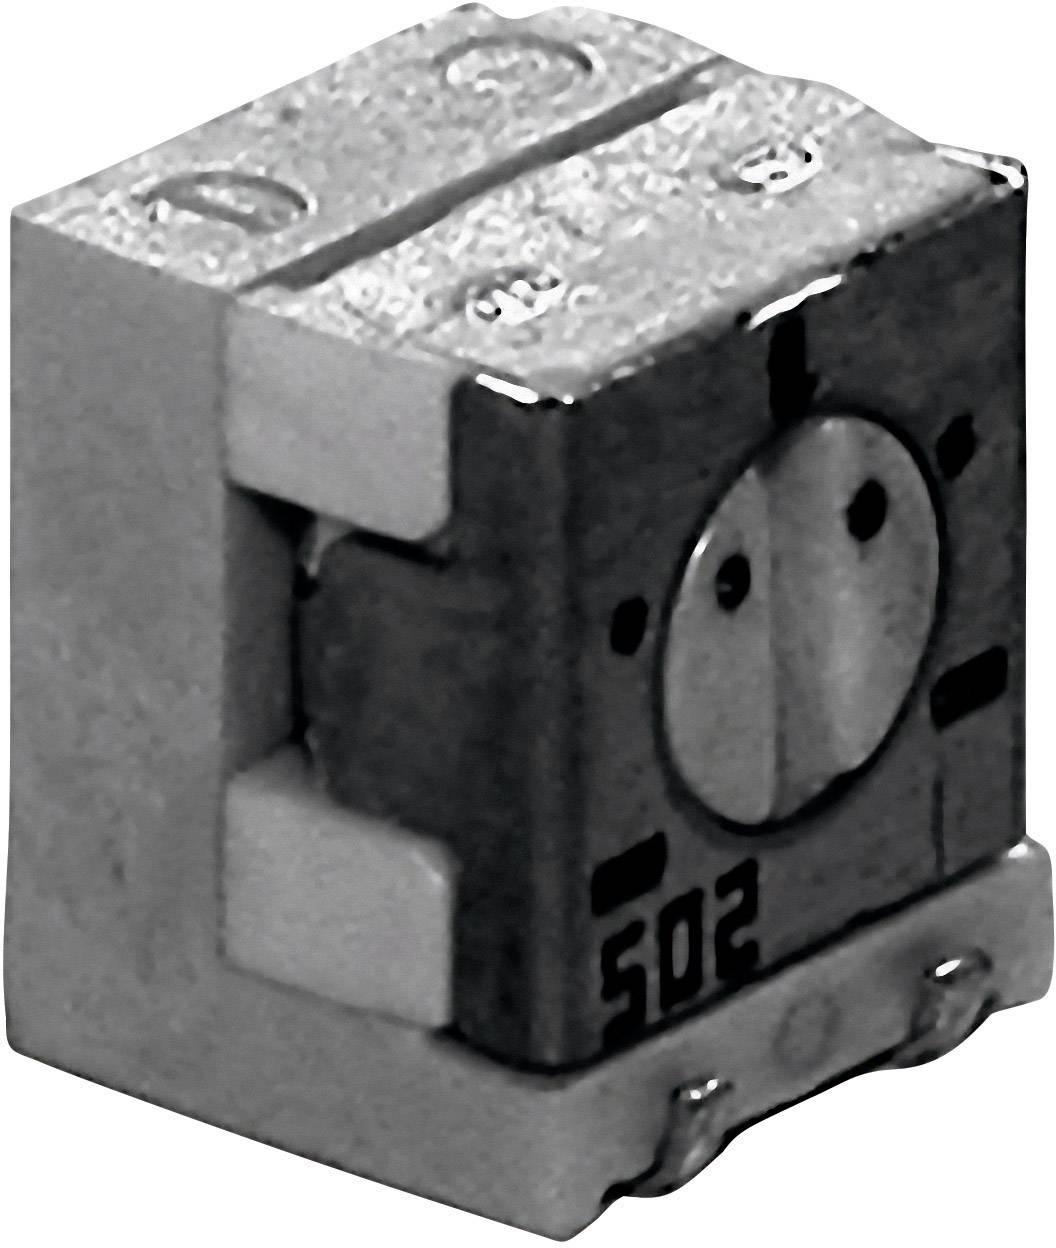 SMD trimr cermet TT Electro, ovl. boční, HC04, 2800587955, 100 kΩ, 0,25 W, ± 20 %